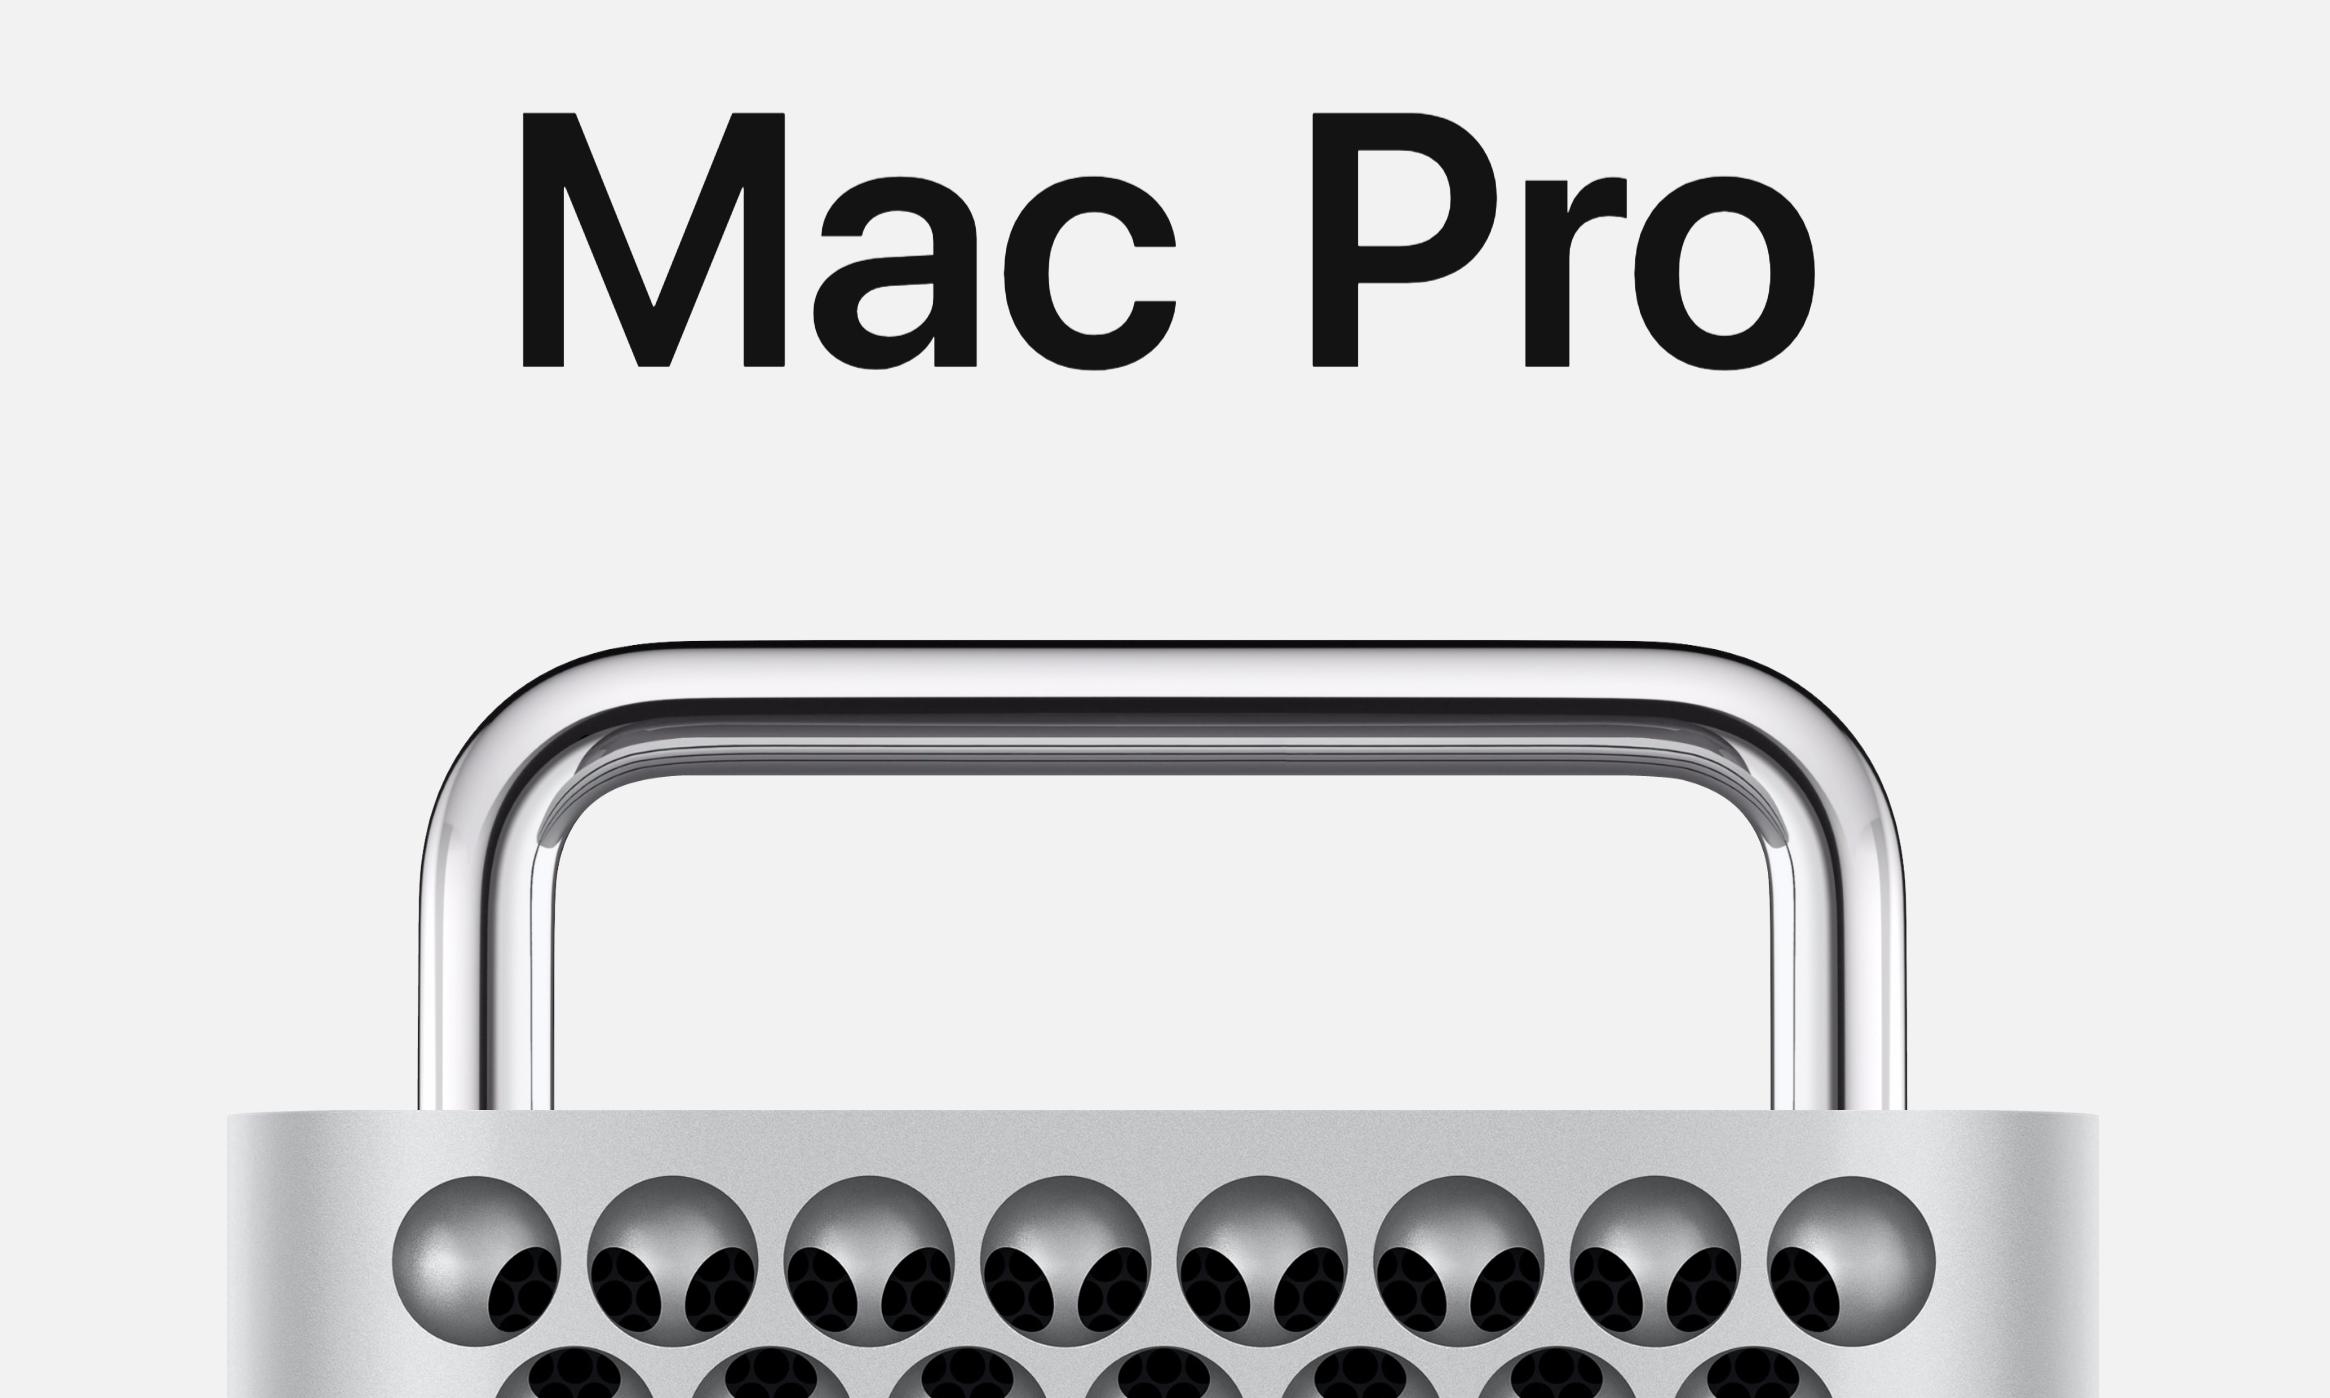 最高配置价格超 39 万元,Mac Pro 国行正式开售